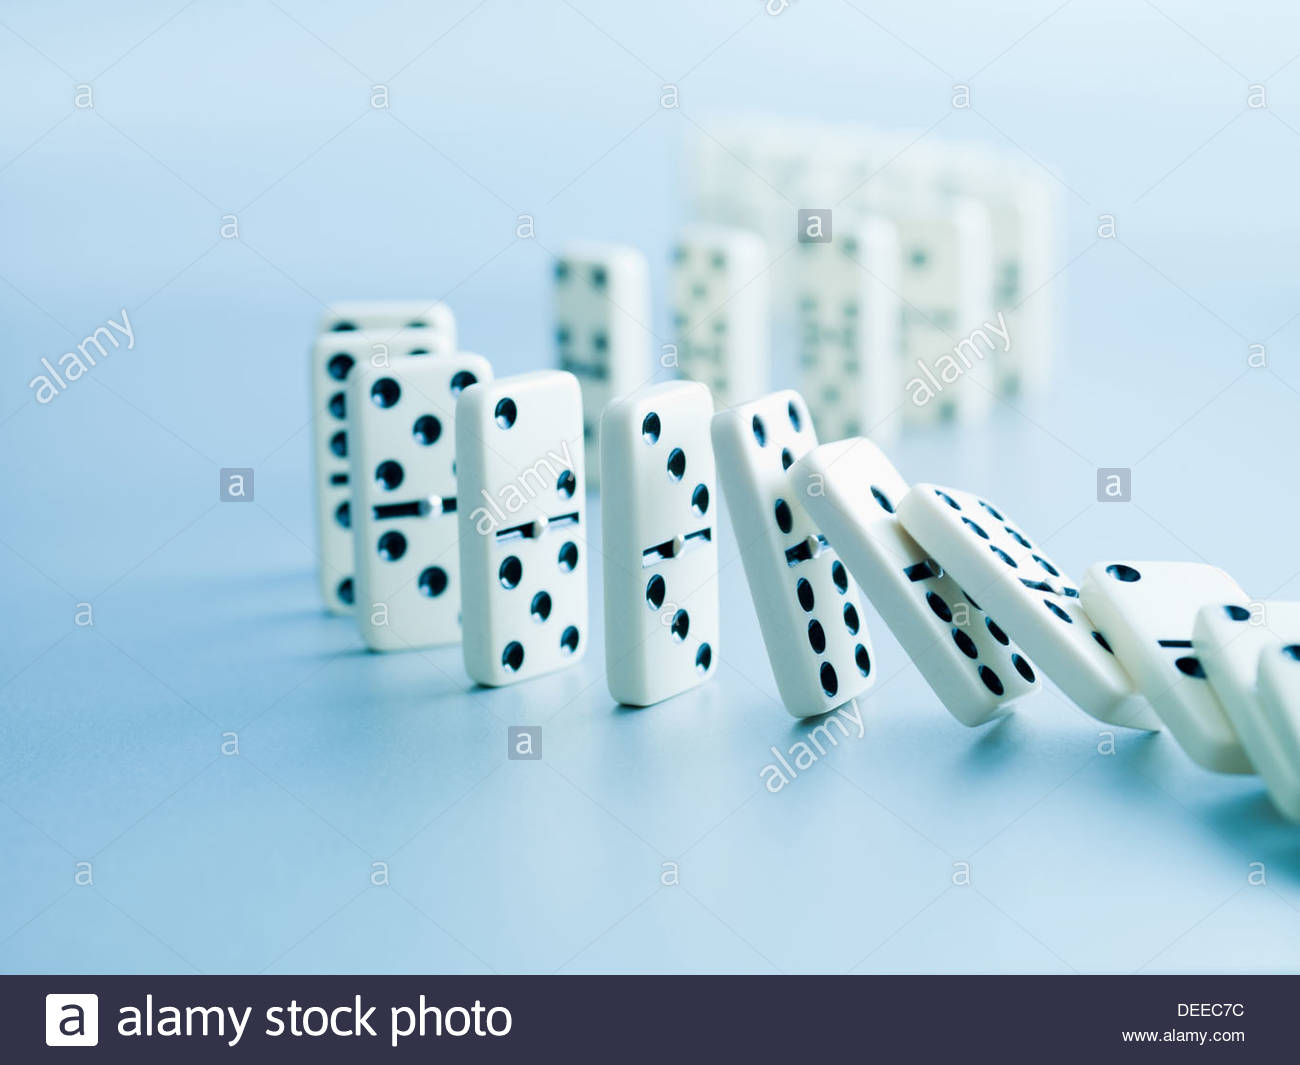 La chute des dominos dans une rangée Photo Stock